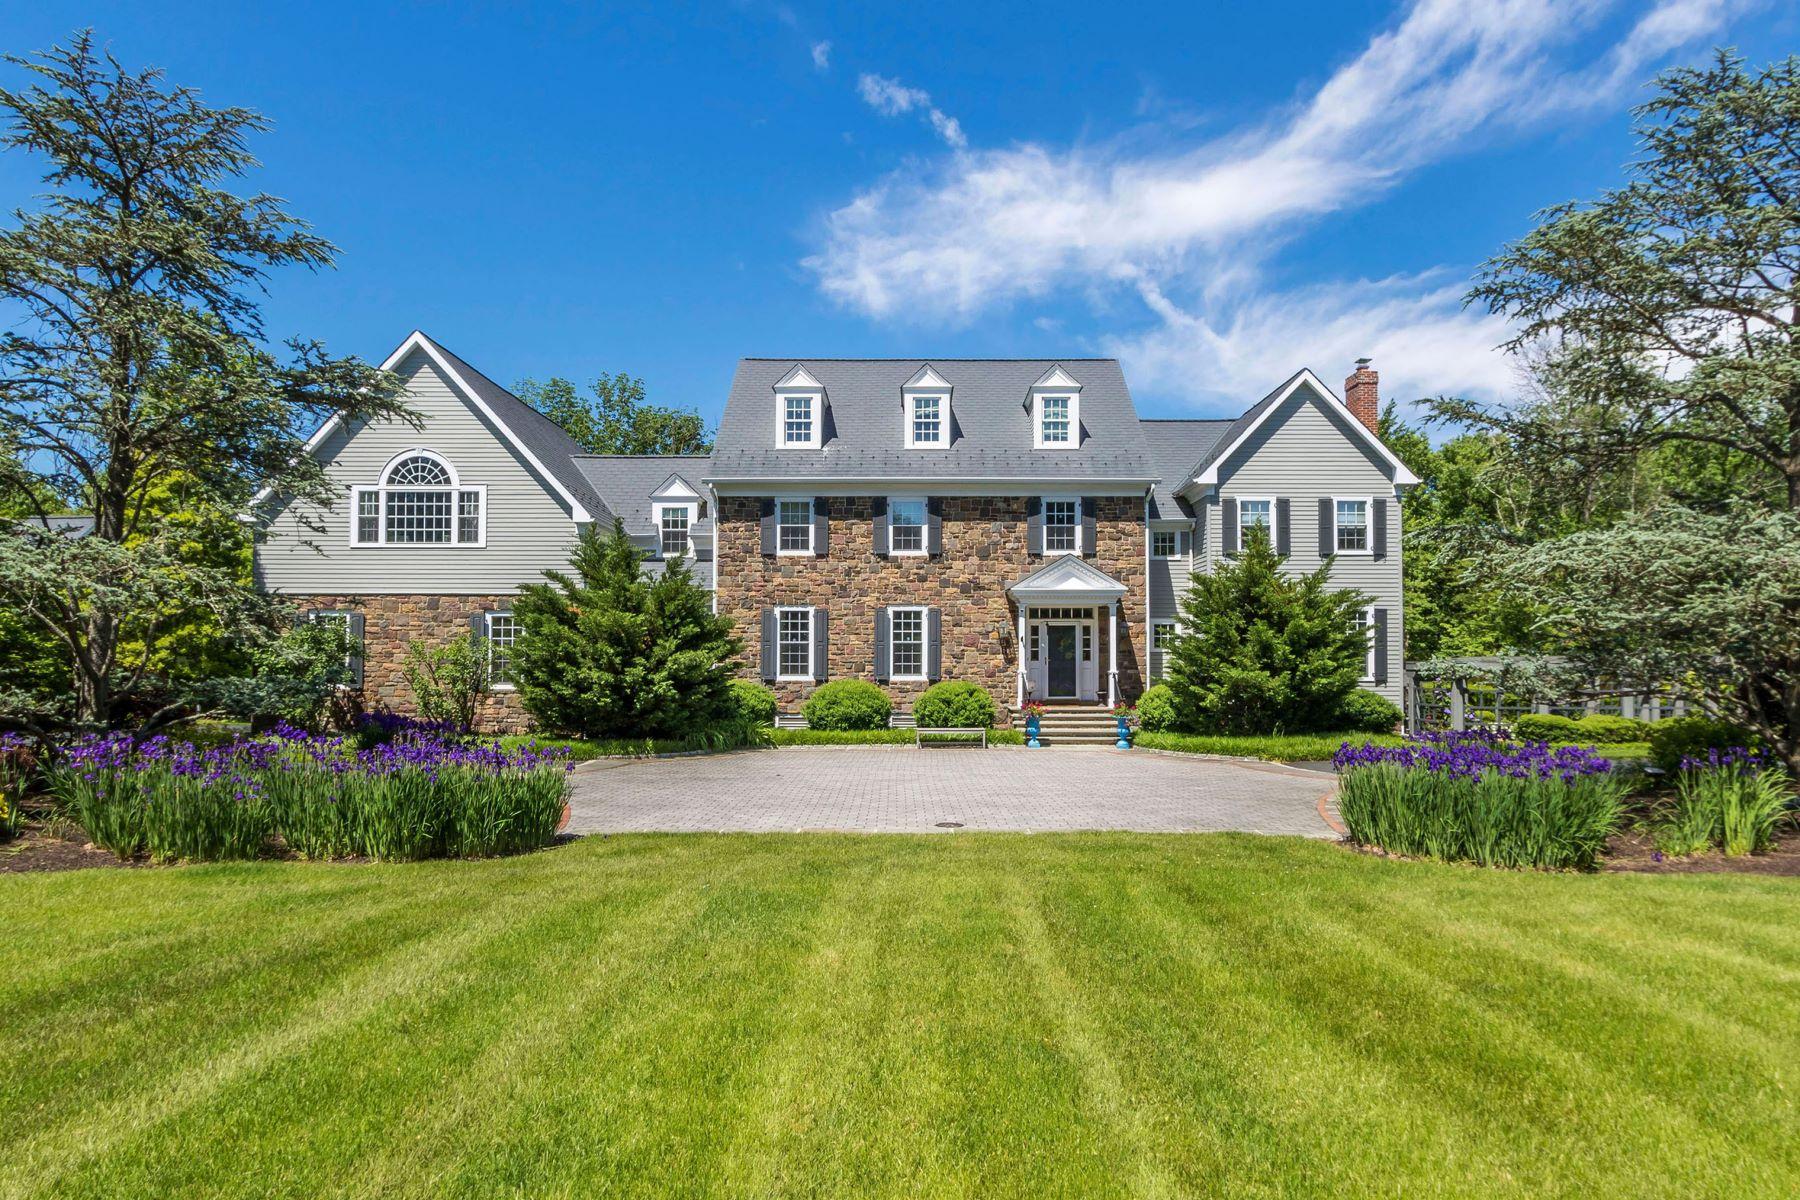 Single Family Homes für Verkauf beim Newtown, Pennsylvanien 18940 Vereinigte Staaten